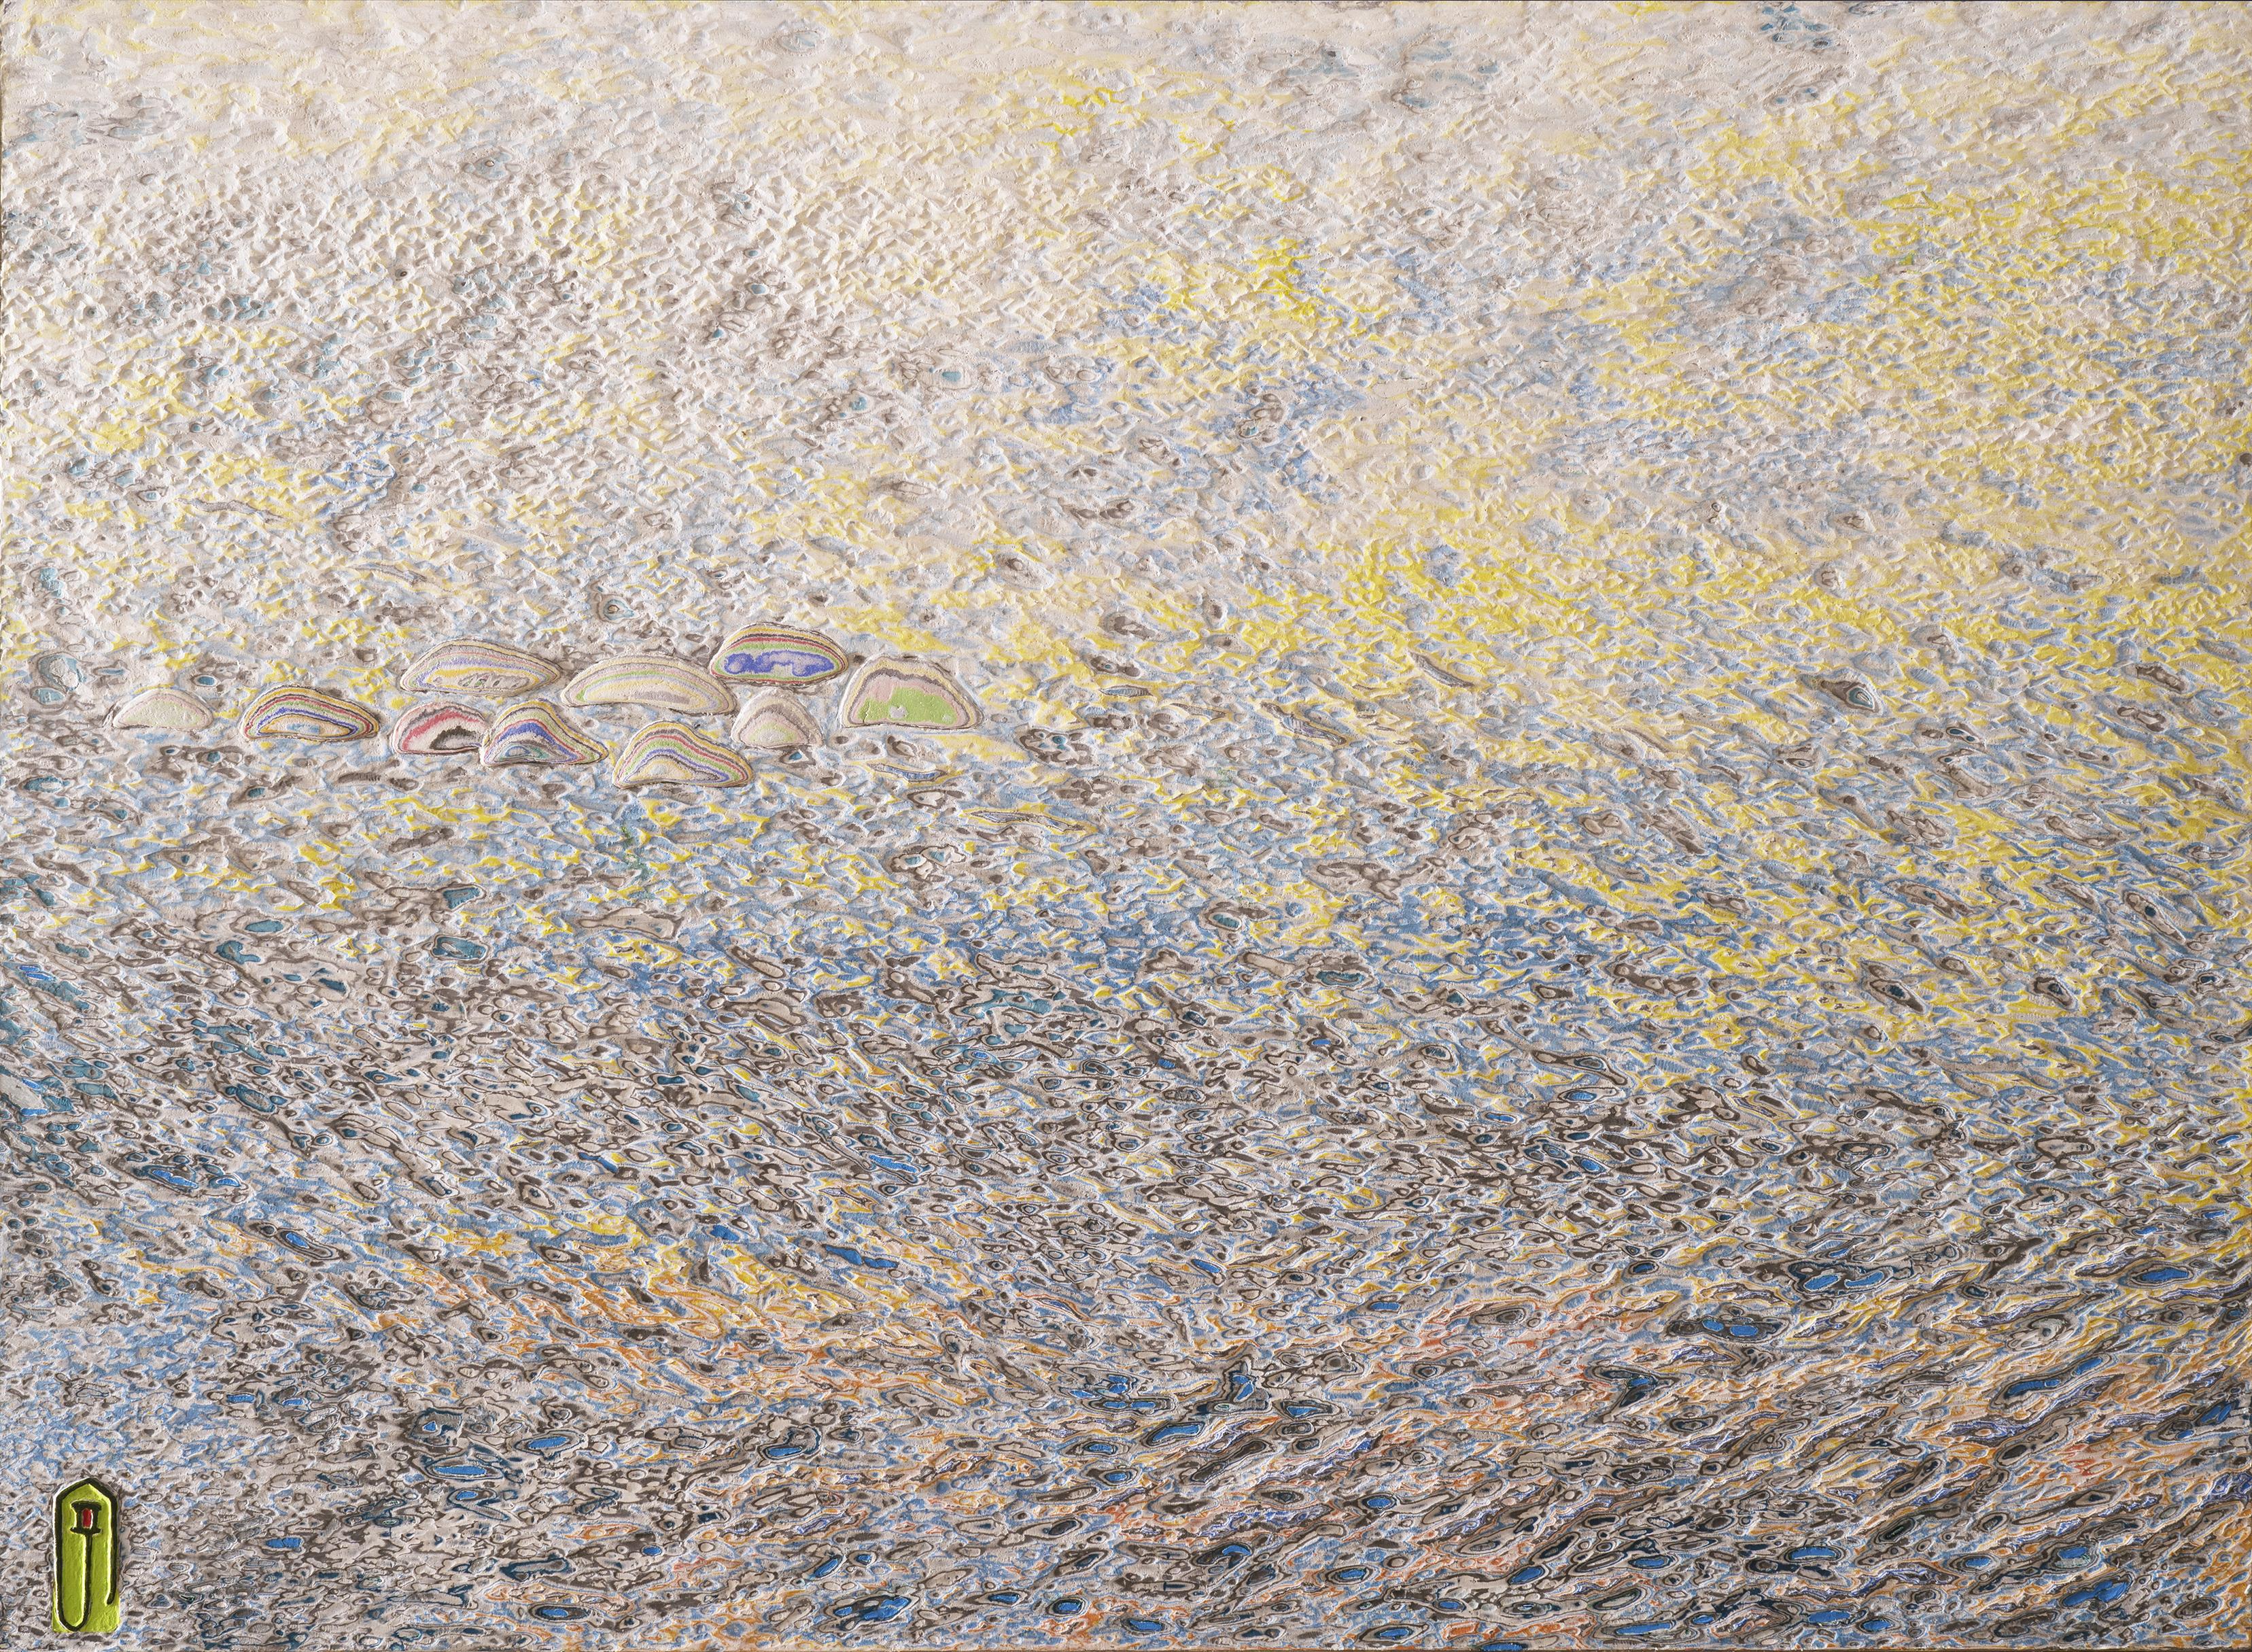 003, 김재신, 바다, 53 x 73 cm(20호), 나무판 위 색조각